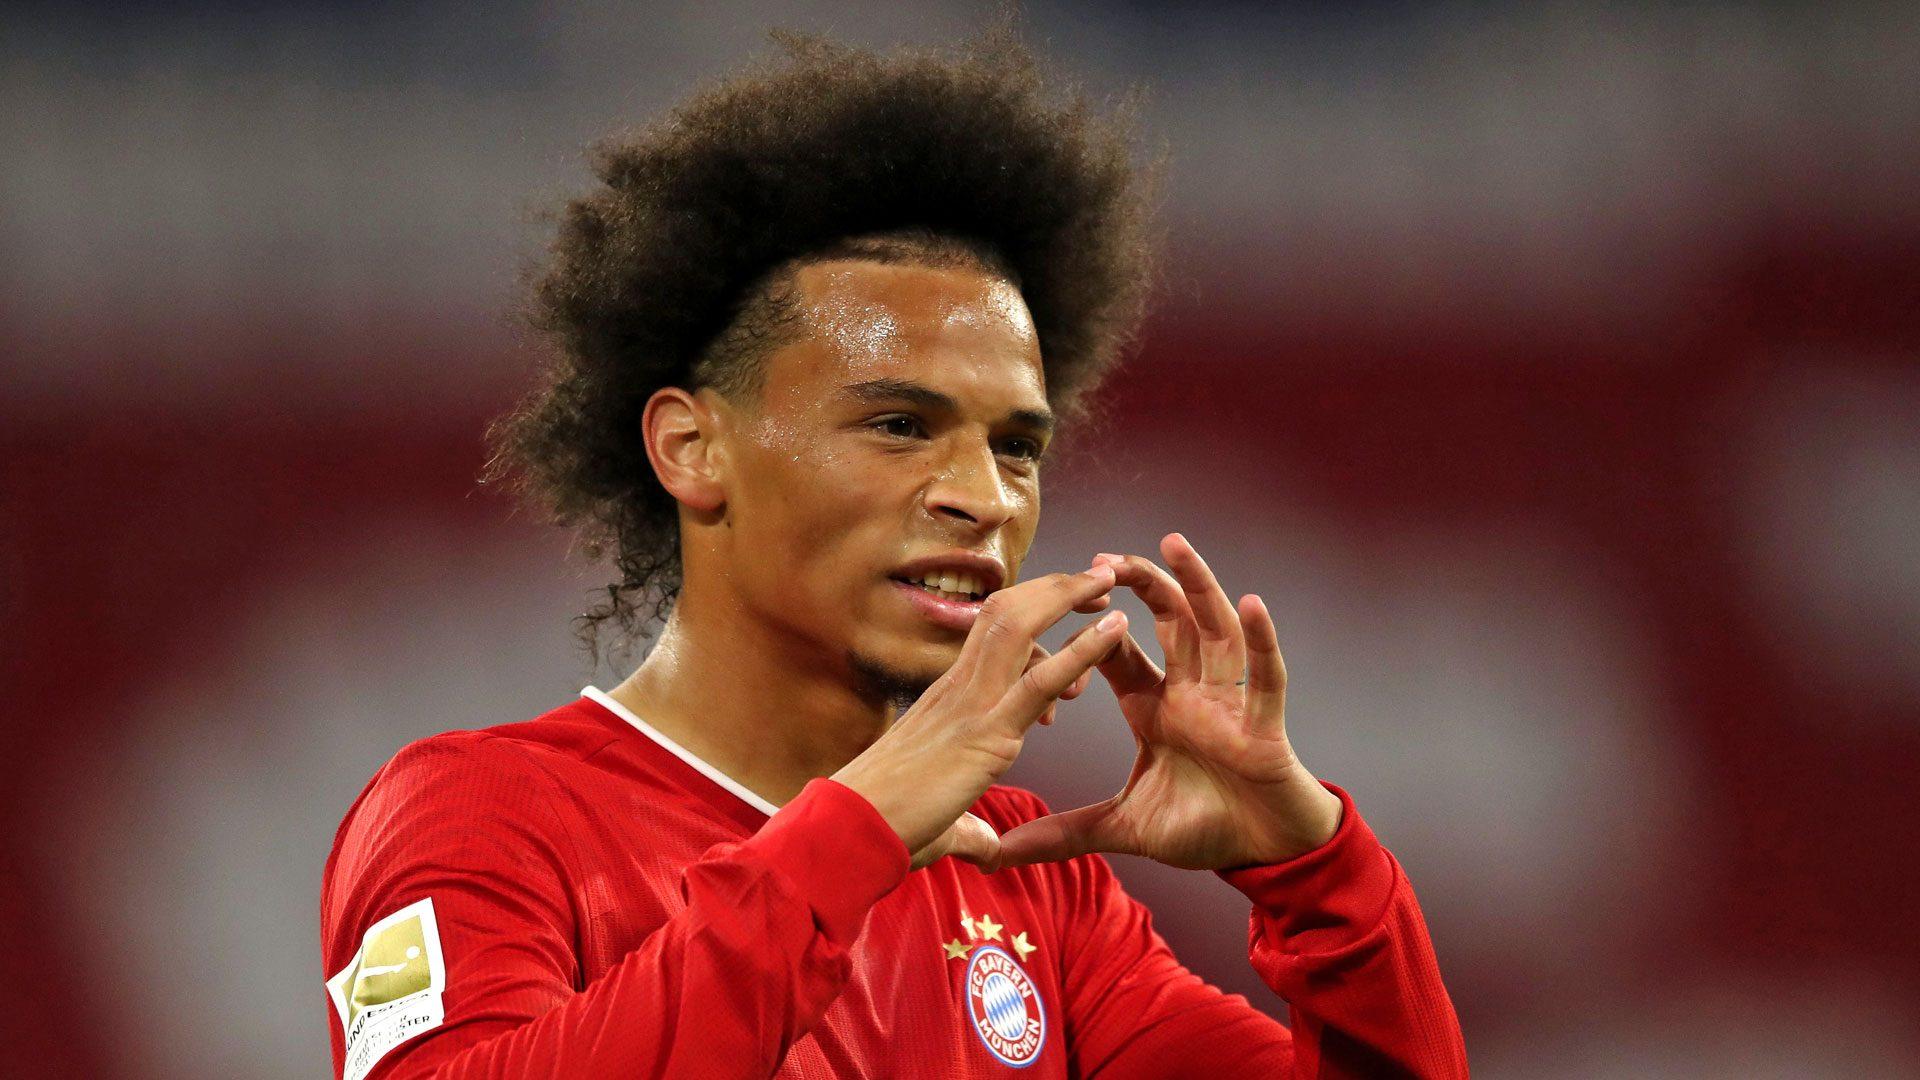 """Bundesliga   Bayern Munich's Leroy Sane: """"I'm not at 100 percent yet"""""""